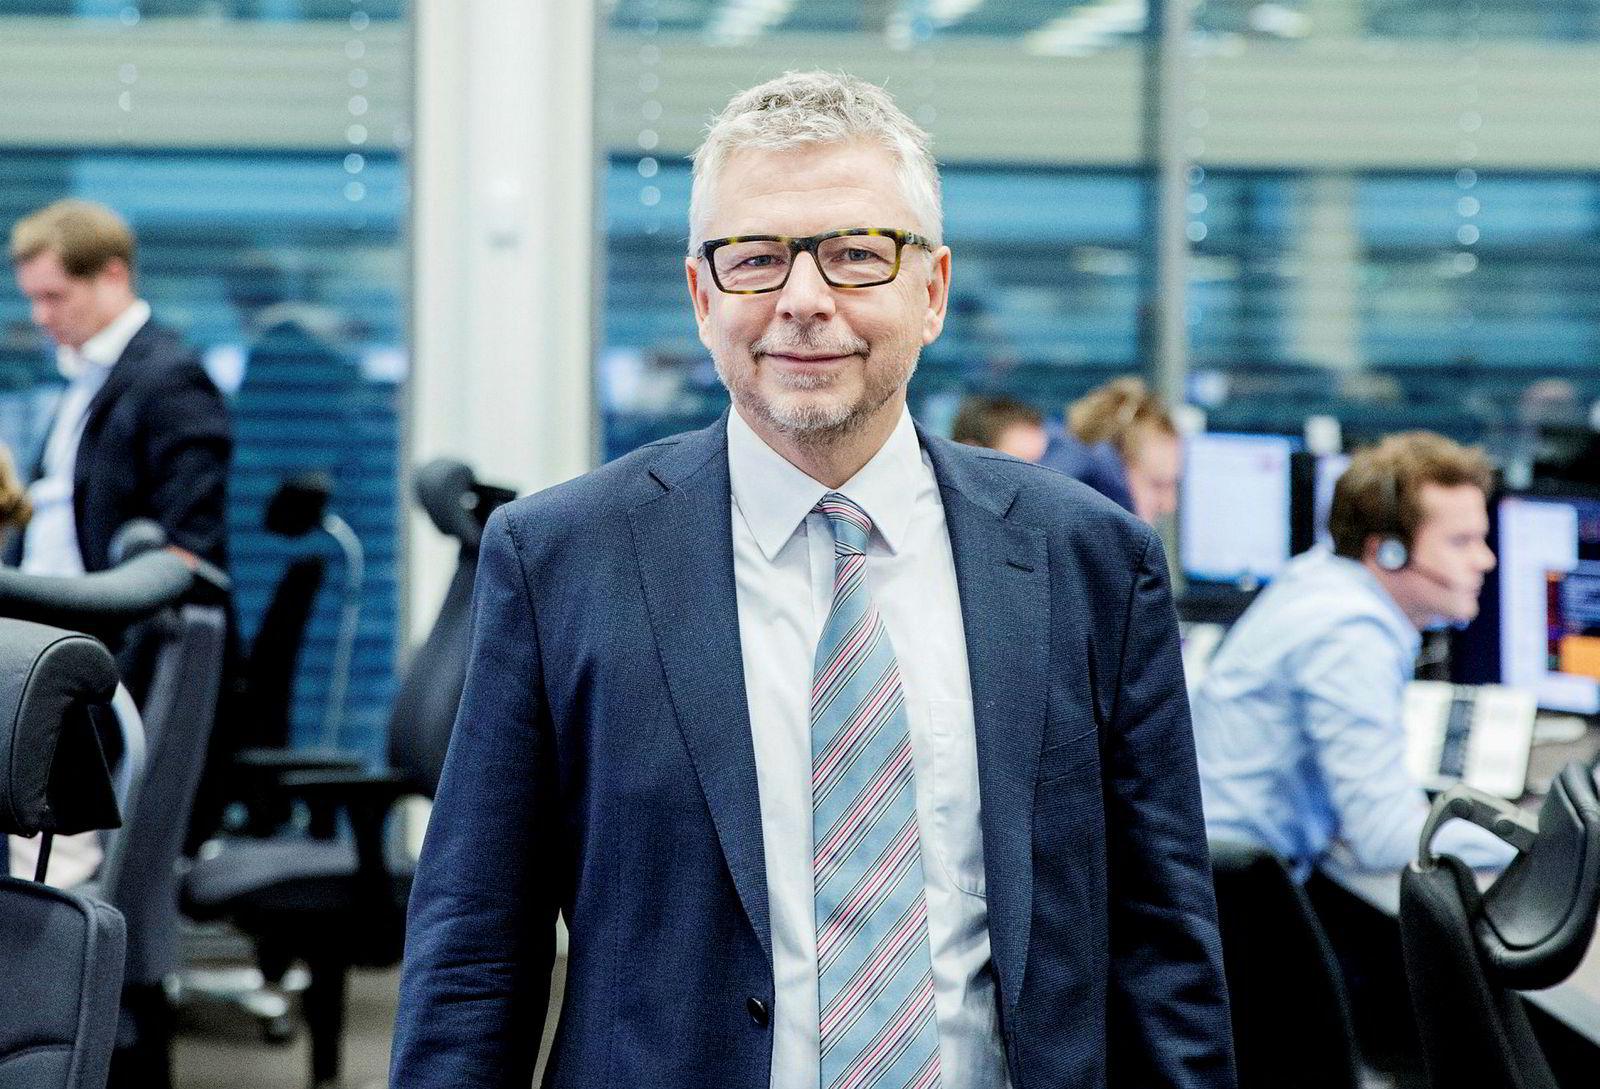 Eric Bruce sjefanalytiker Nordea Markets mener rentetoppen kanskje ikke er nådd likevel.